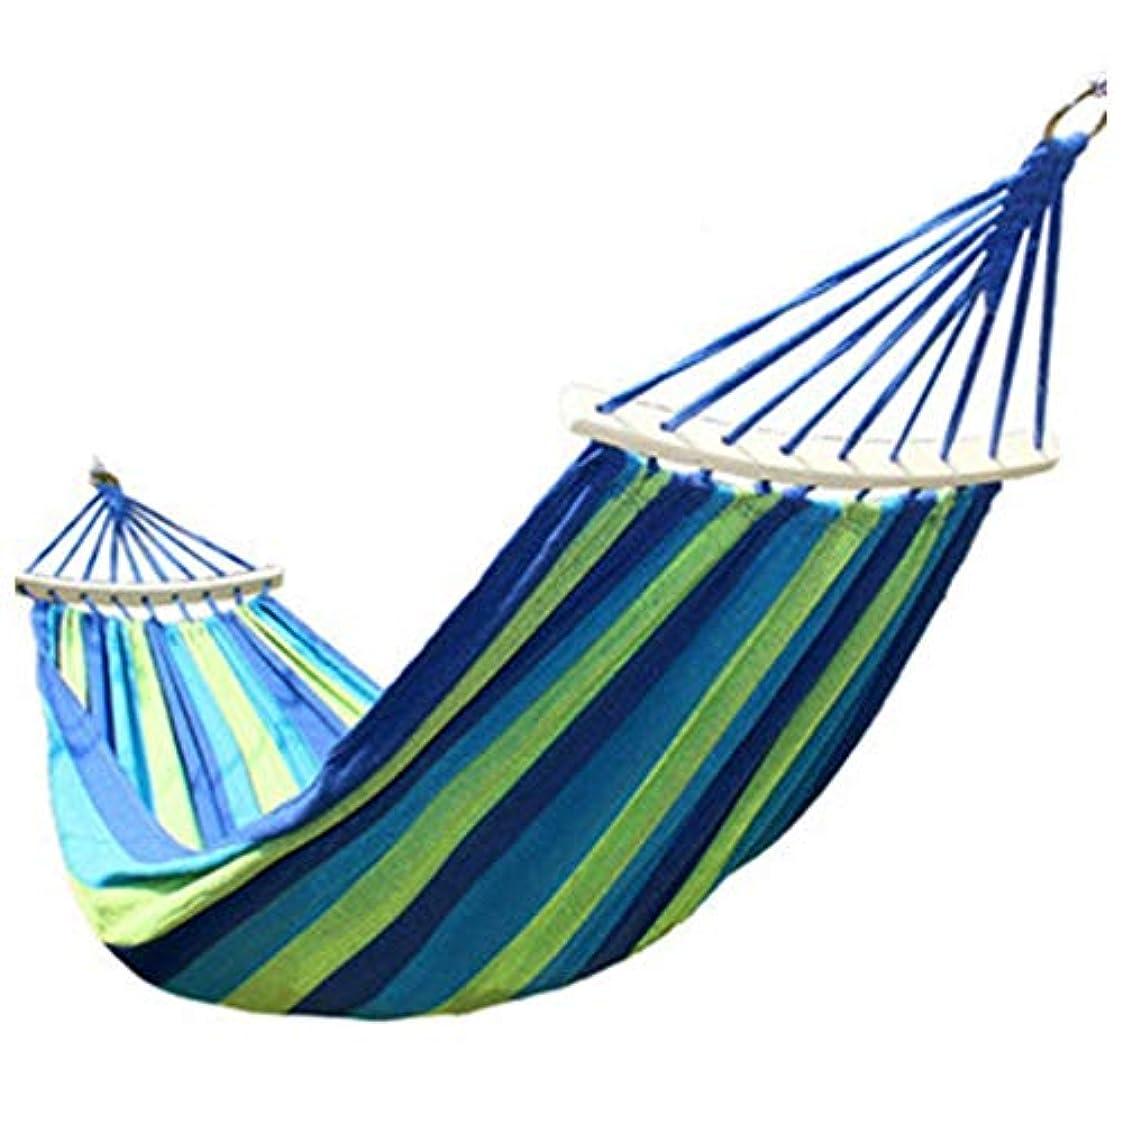 花弁スローロータリー屋外キャンバスシングルハンモック、コンパクトで丈夫 (色 : 青, サイズ さいず : 80×250cm)